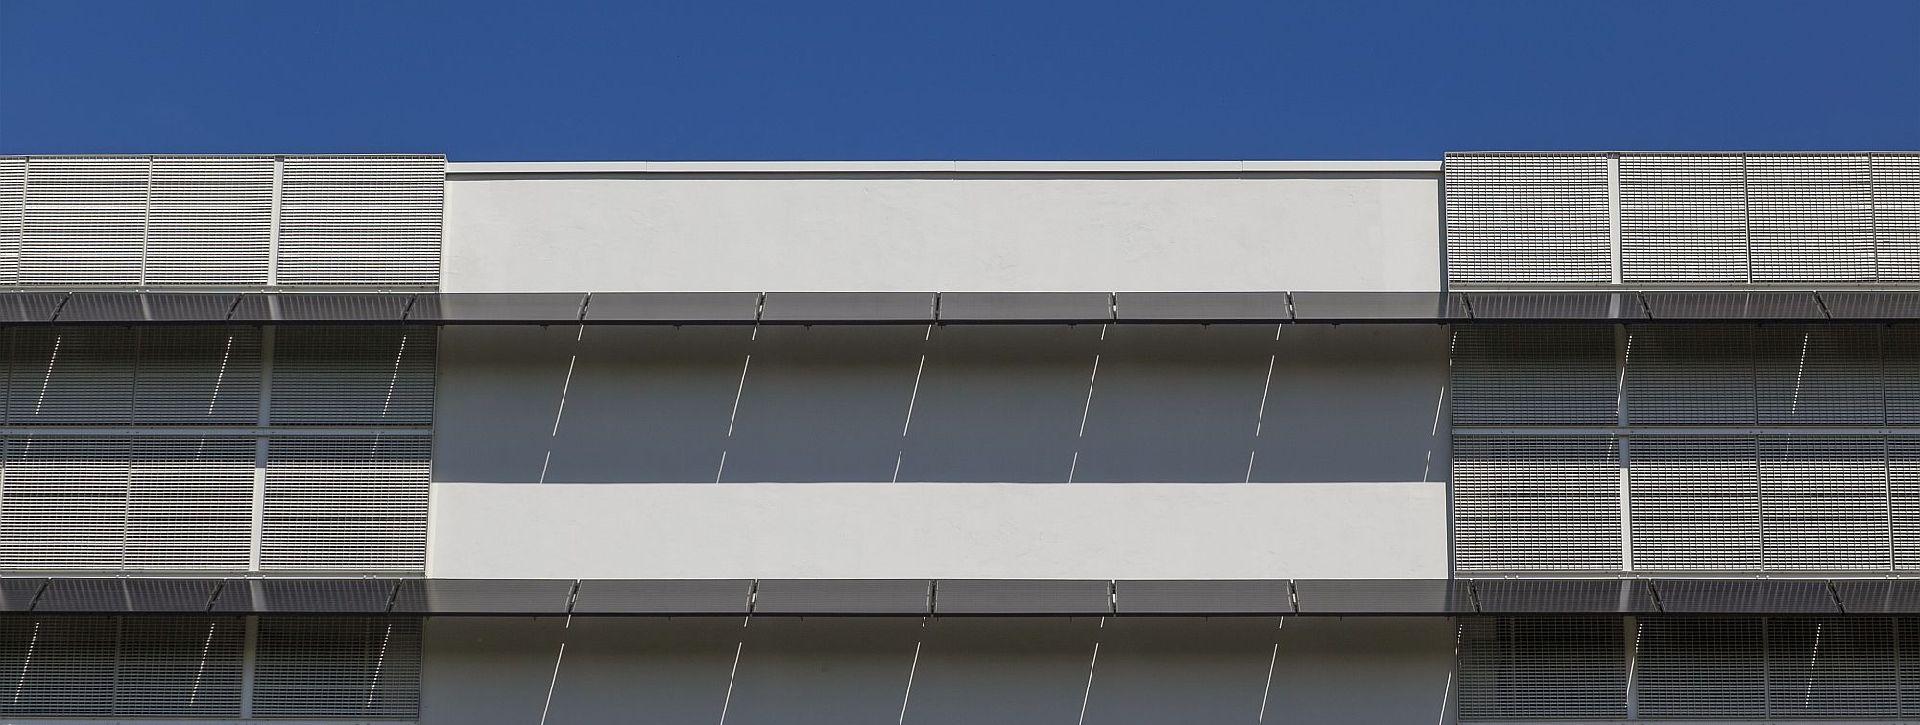 Referenzen Parkhäuser aus Beton